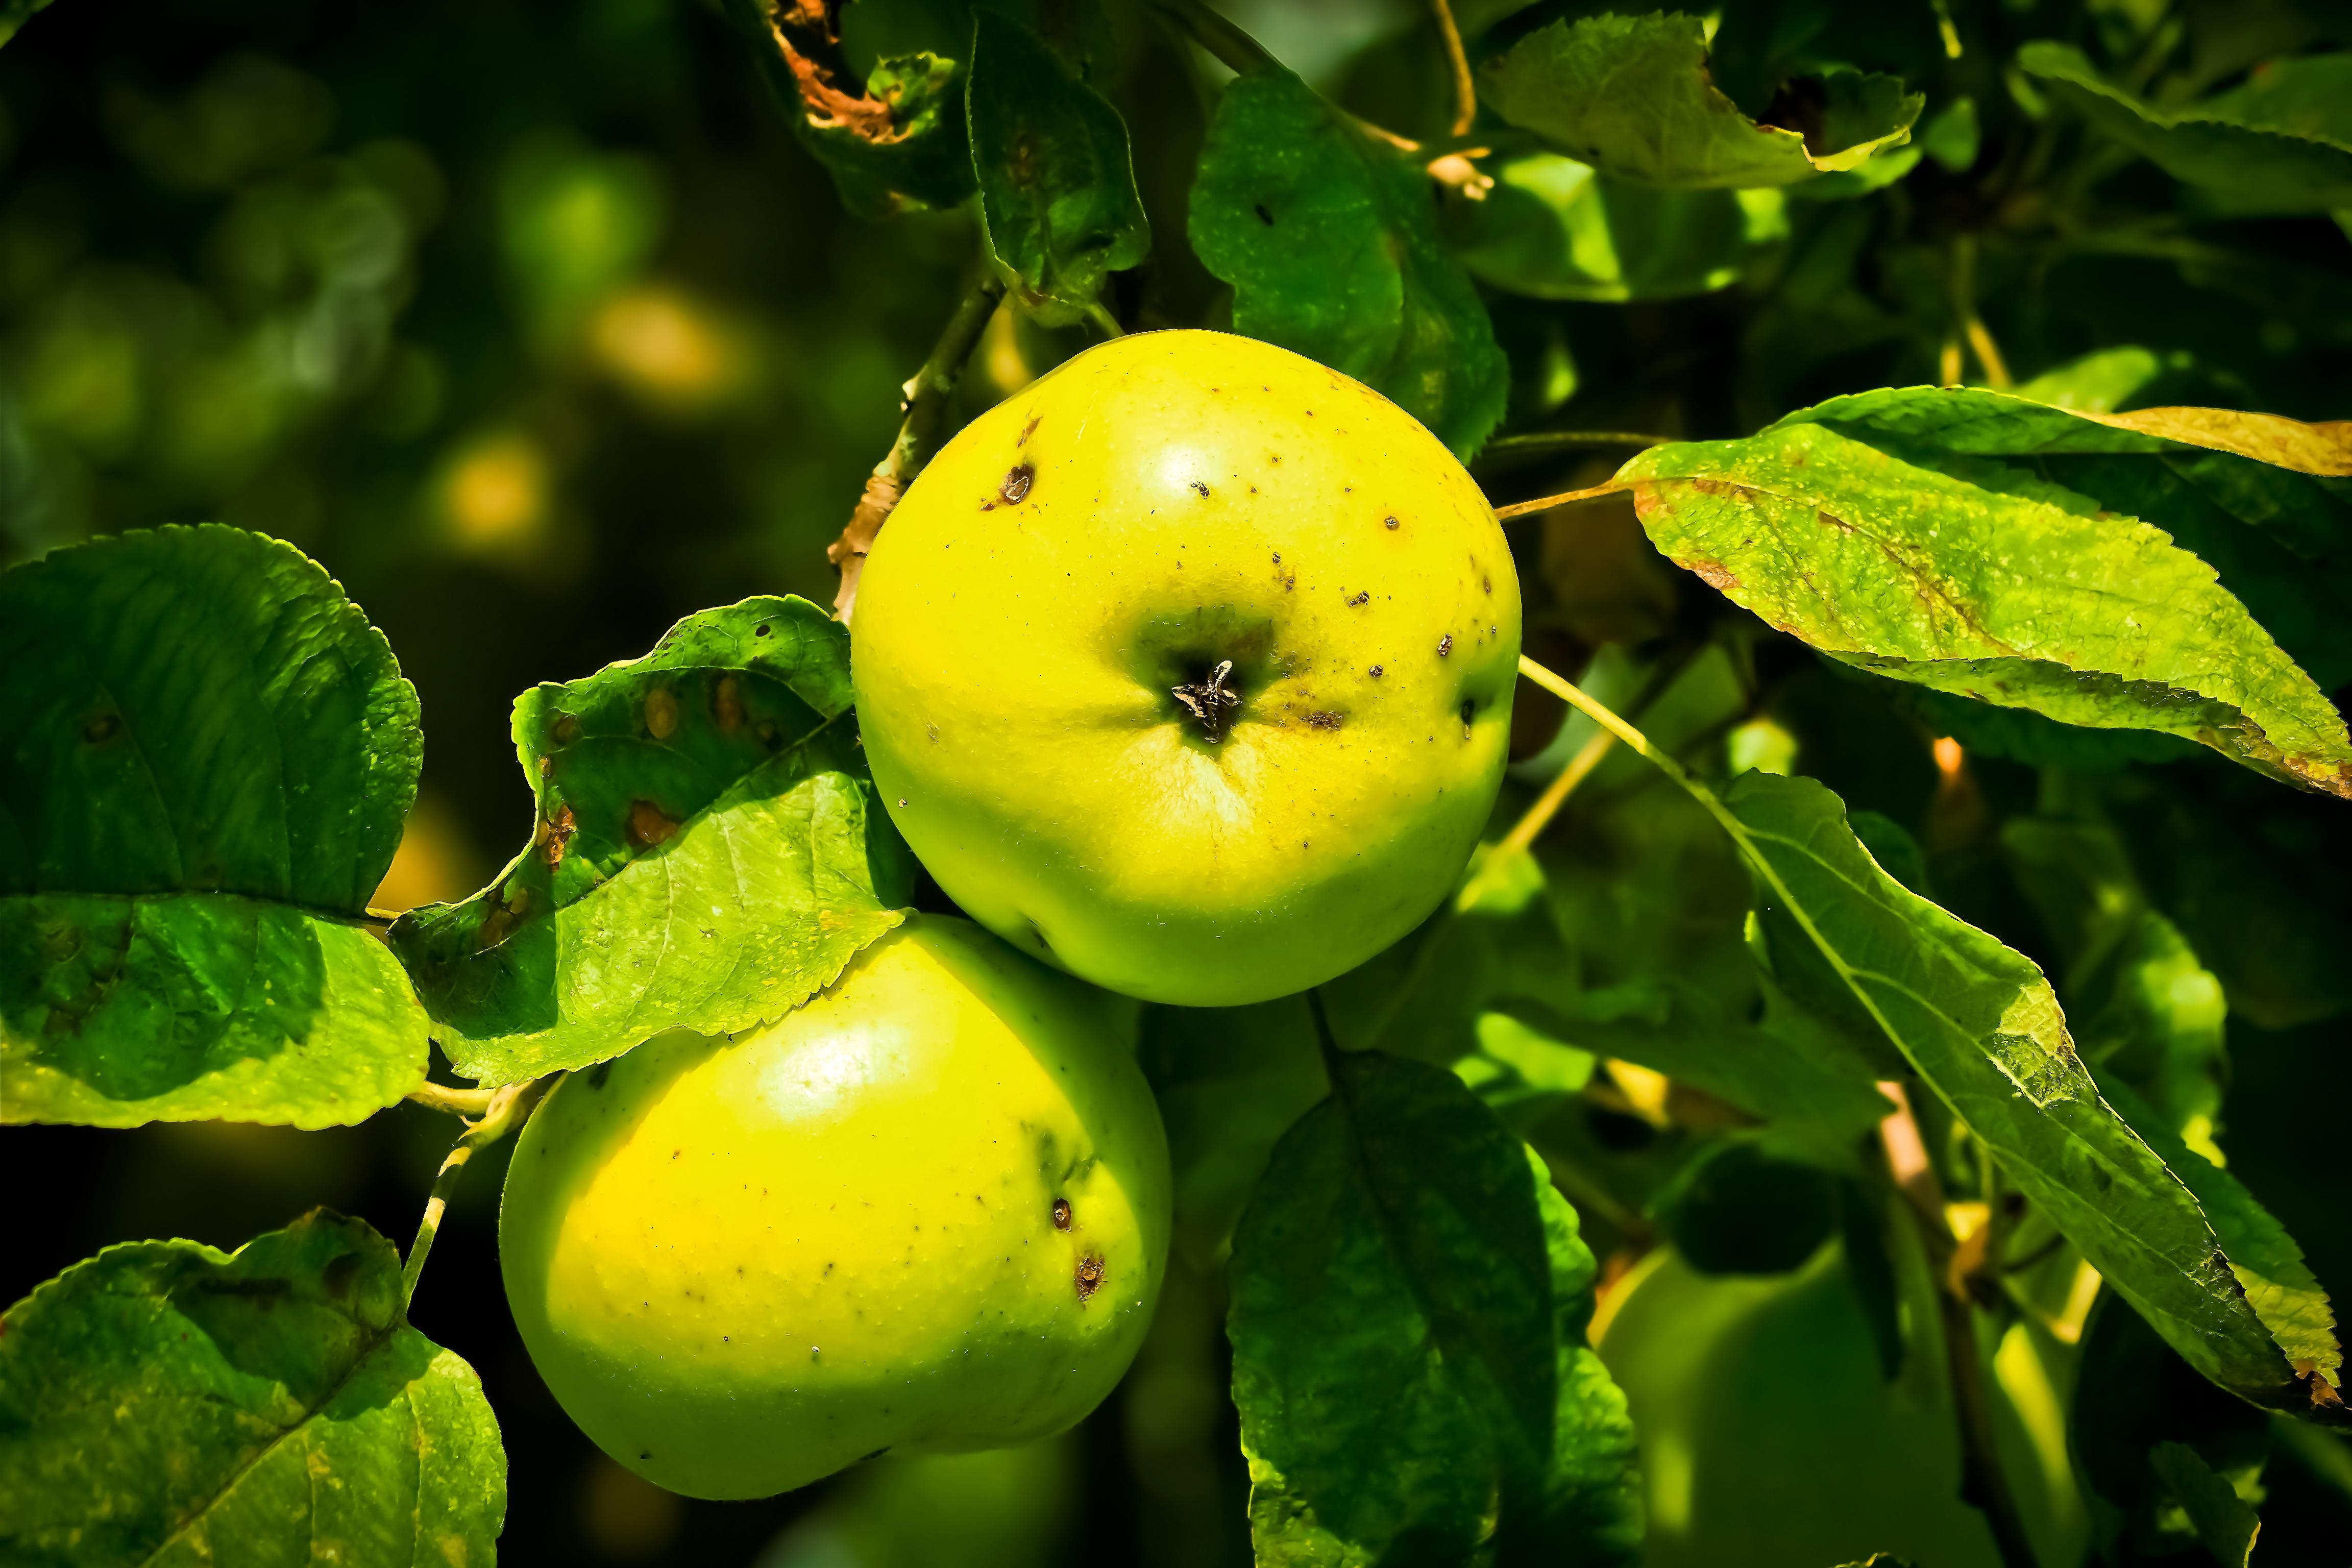 kostenlose foto baum natur ast frucht s sonnenlicht blatt blume obstgarten sommer. Black Bedroom Furniture Sets. Home Design Ideas